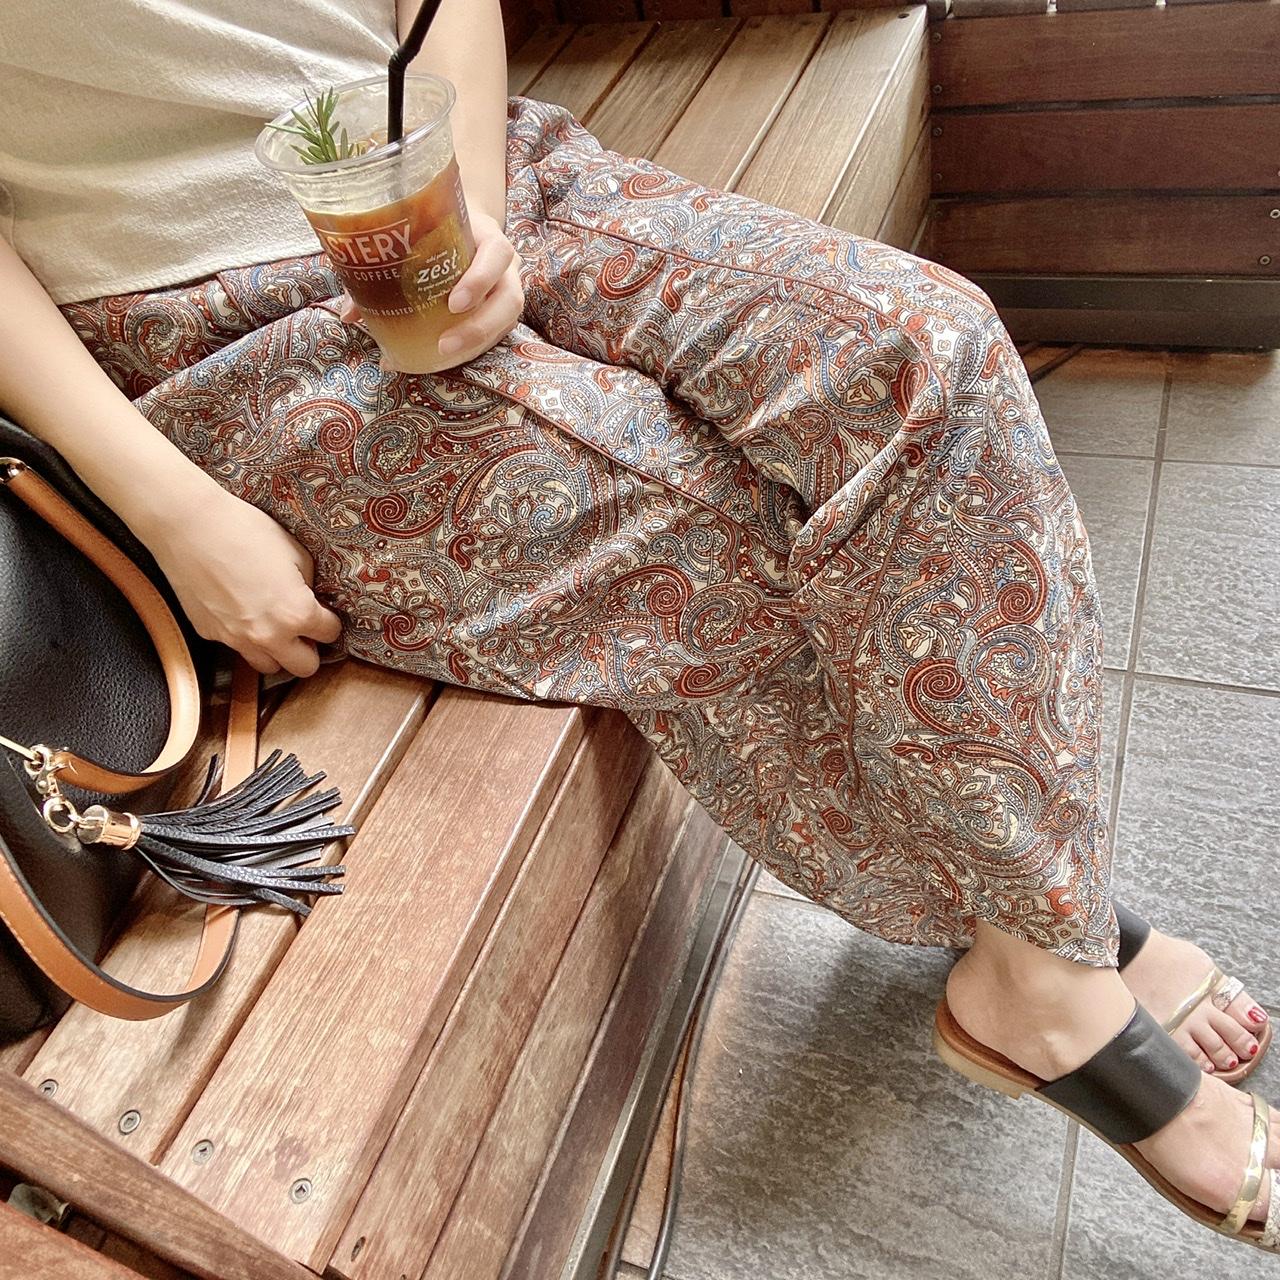 【原宿カフェ】エスプレッソレモネードが絶品♡コーヒー専門店《THE ROASTERY》へ!_5